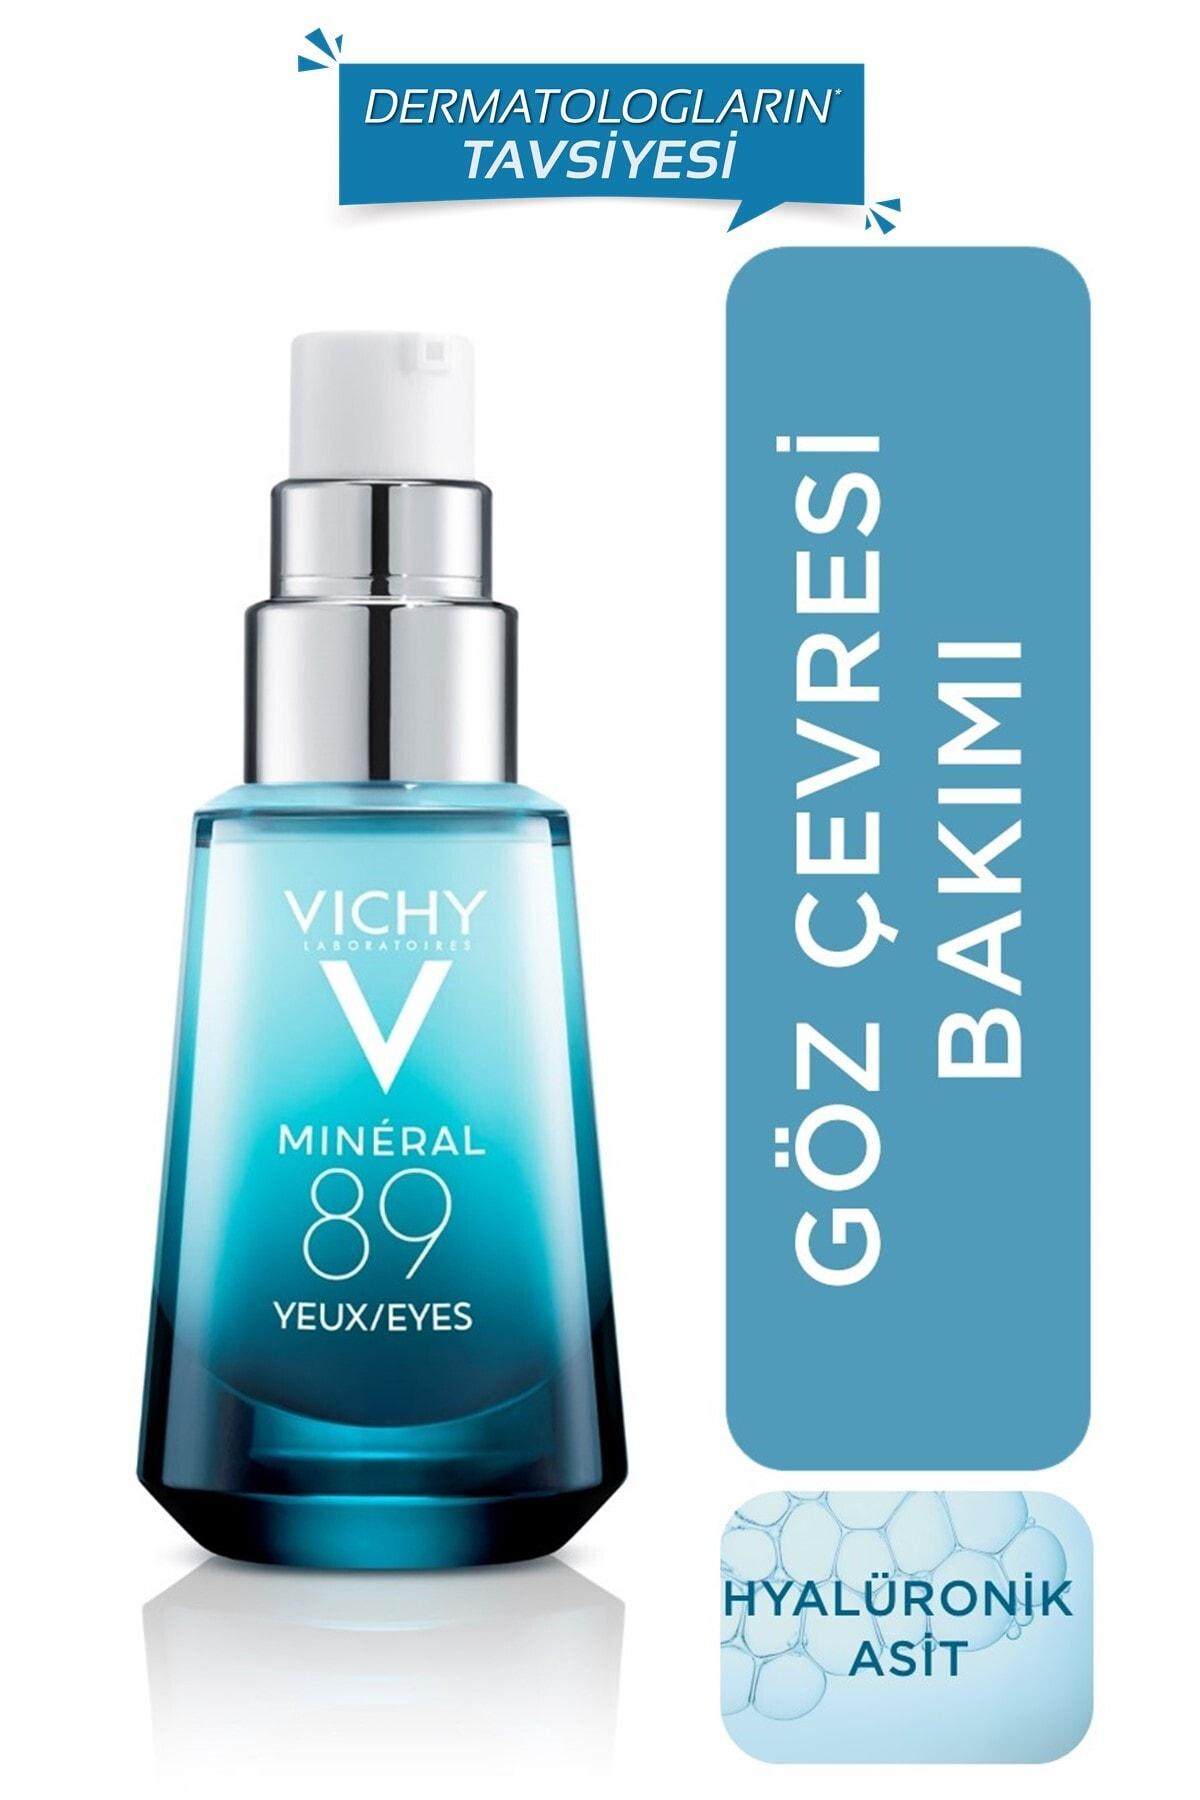 Vichy Mineral 89 Göz Kremi Hyalüronik Asit ve Saf Kafein ile Göz Çevresi Bakımı 15 ml 3337875596763 1